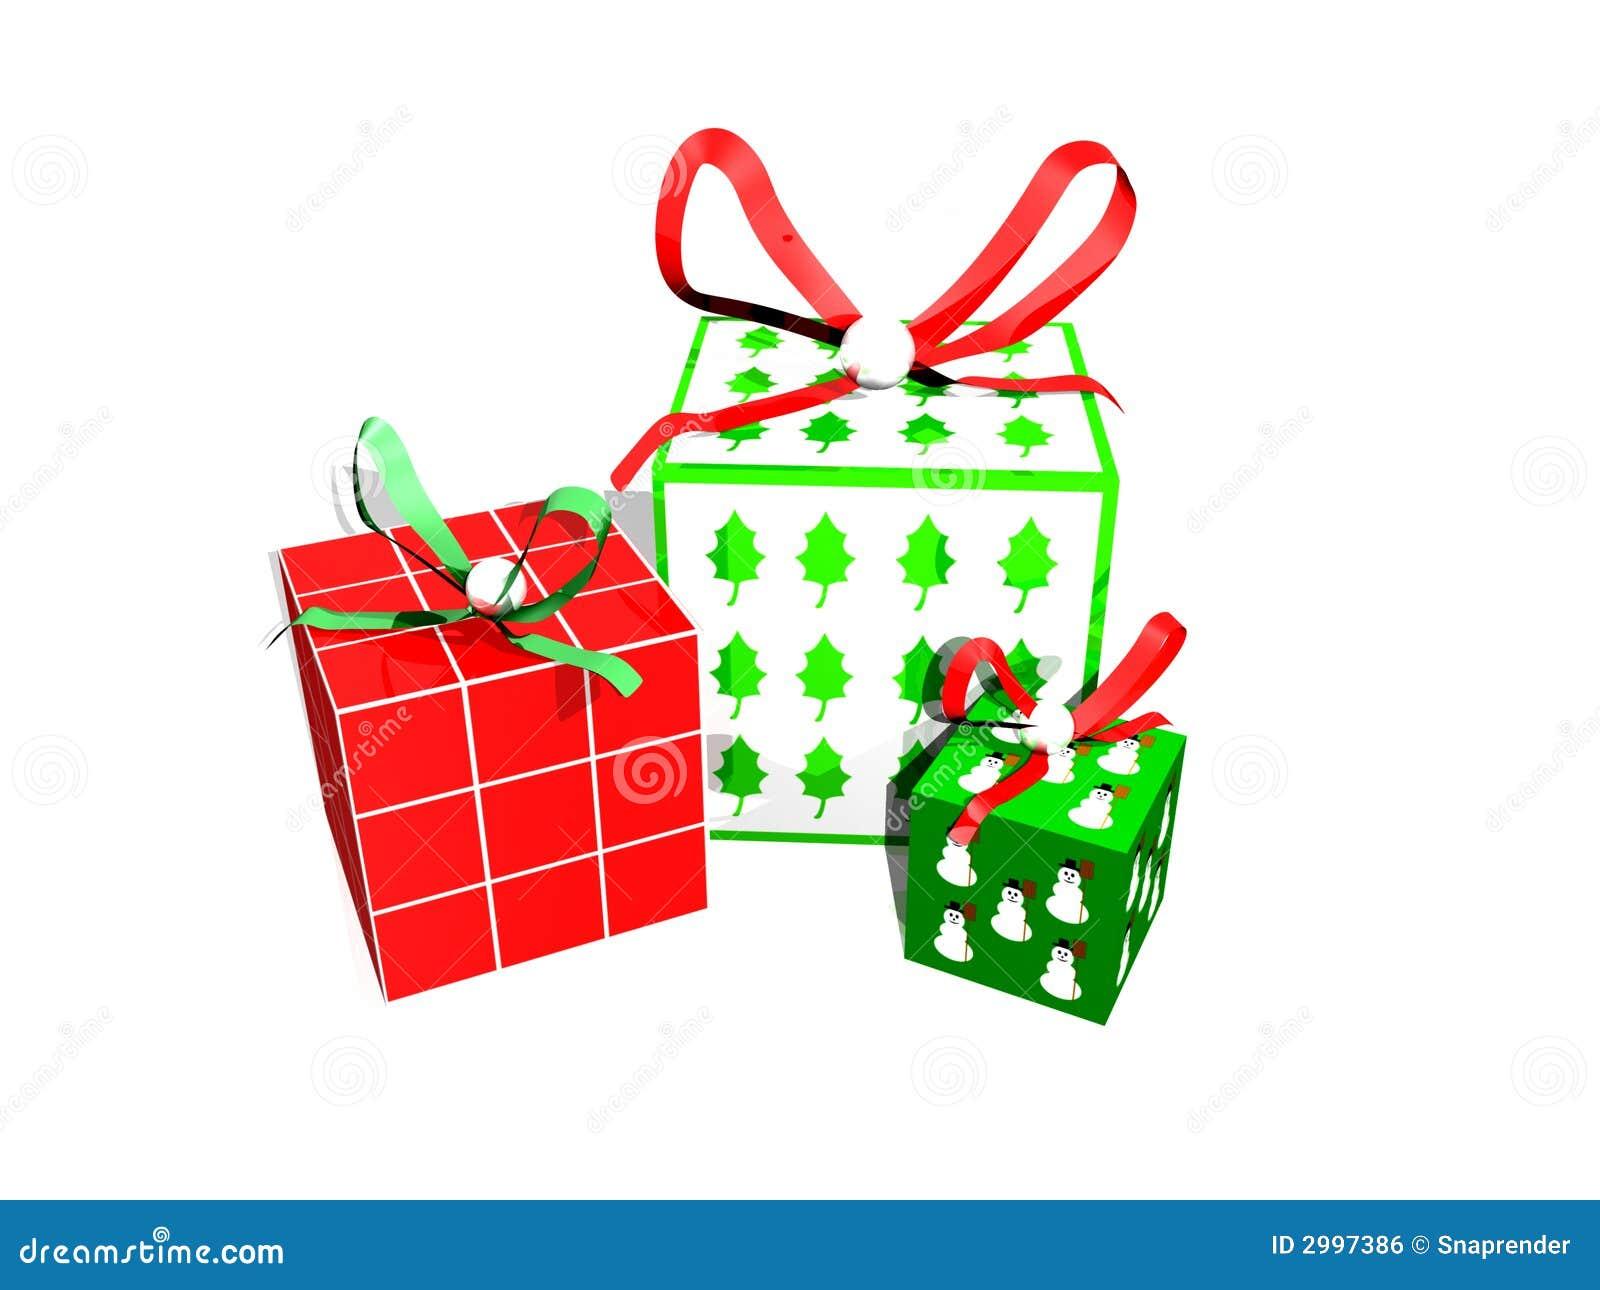 Regalos de navidad 3d imagen de archivo libre de regal as - Regalos padres navidad ...